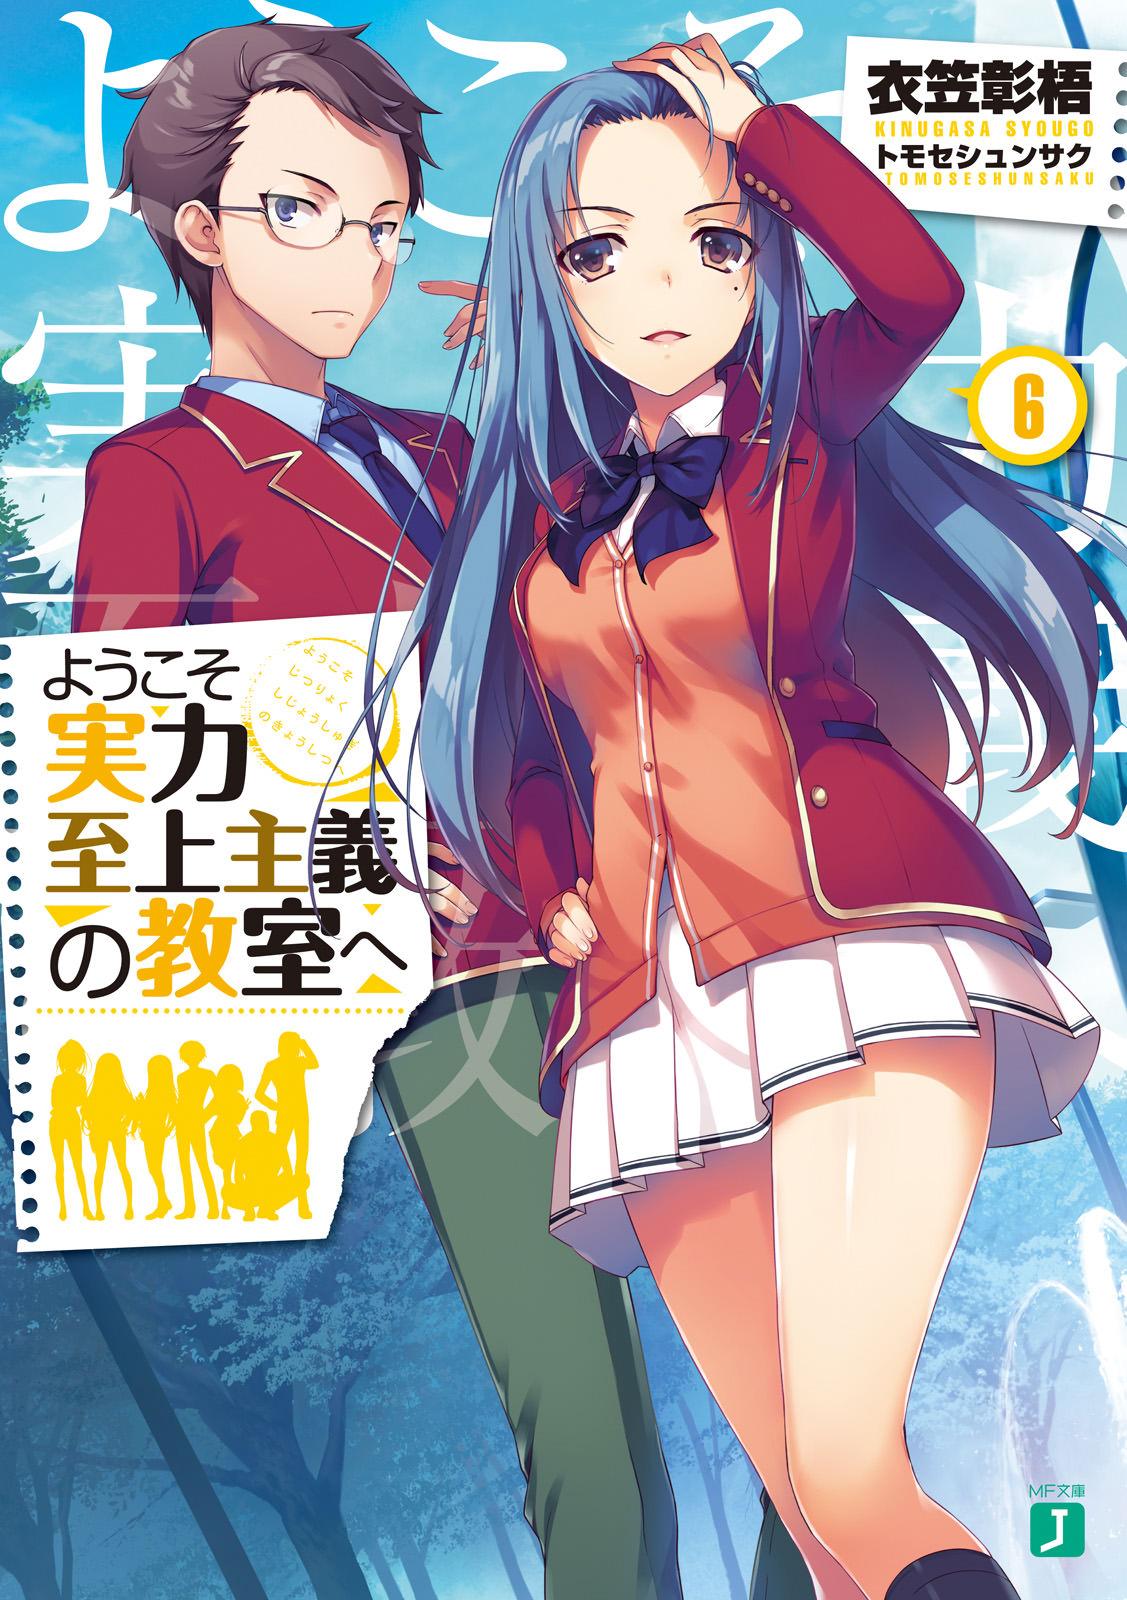 Gladheim Translations Youkoso Jitsuryoku Shijou Shugi No Kyoushitsu E